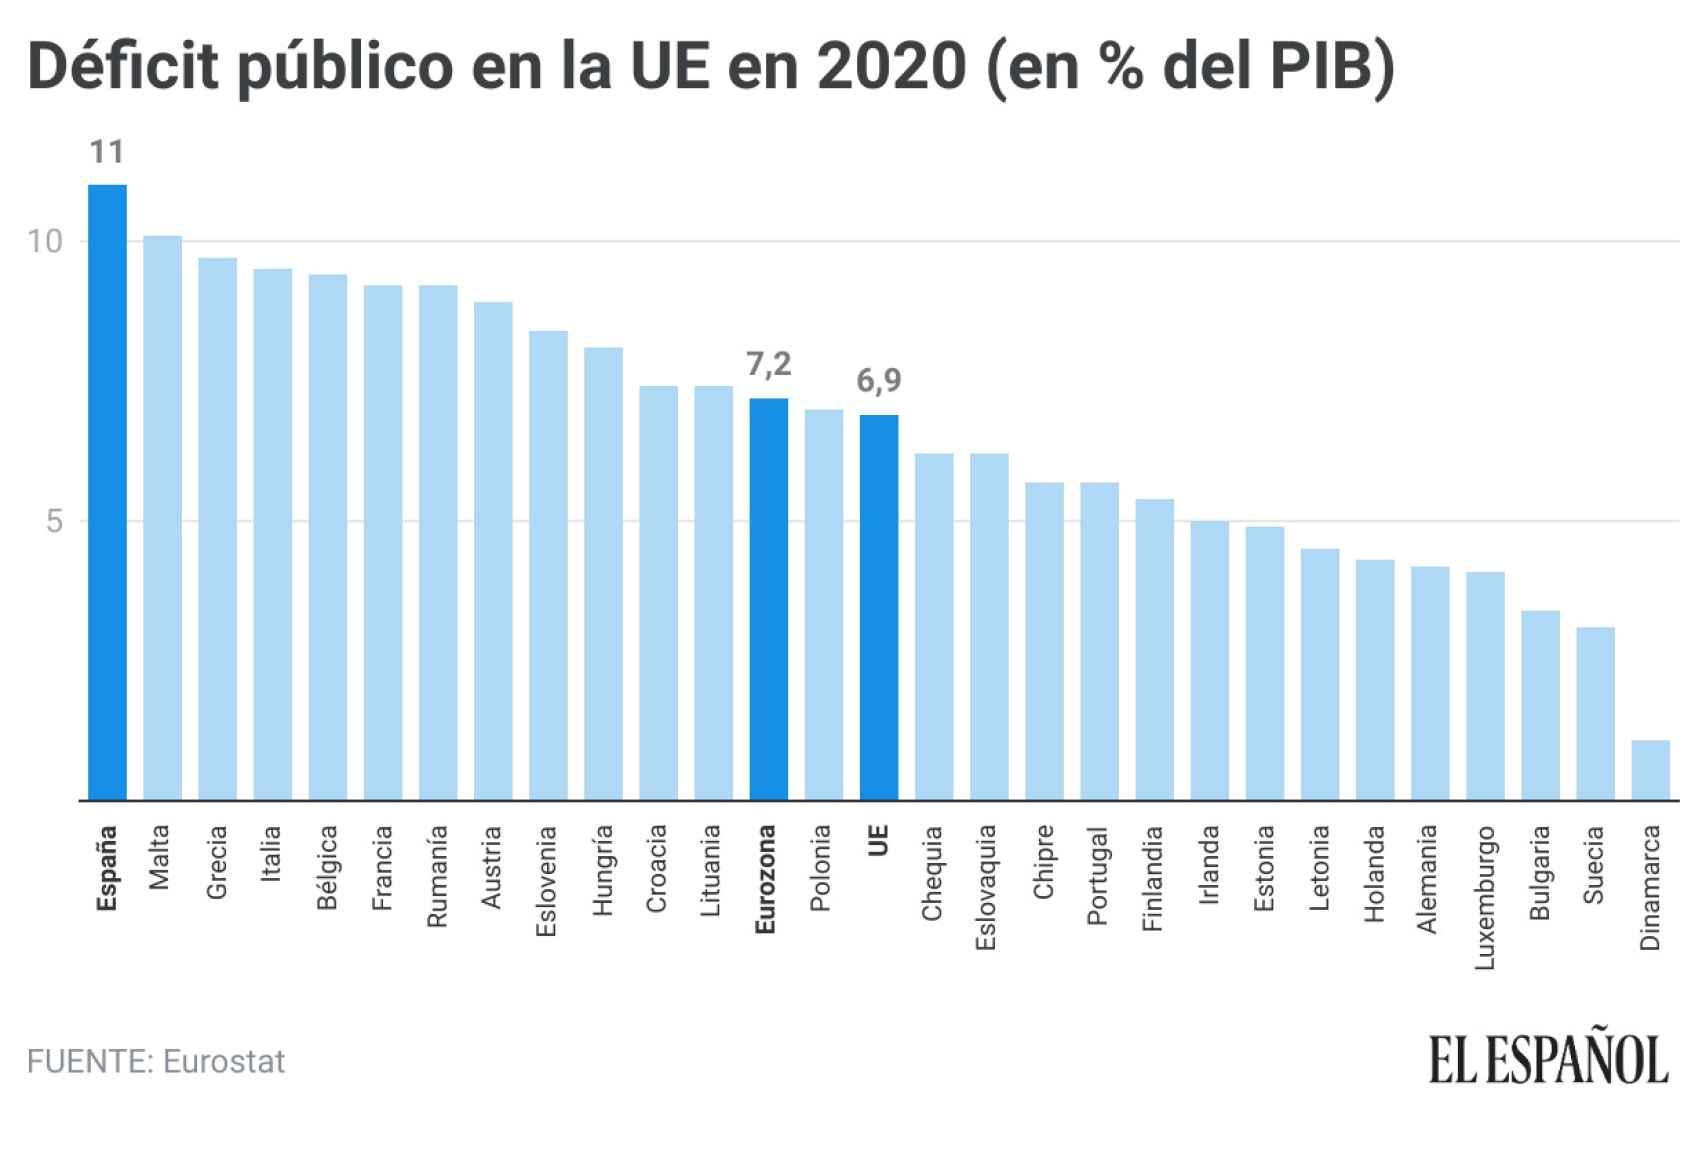 Déficit público en la UE en 2020